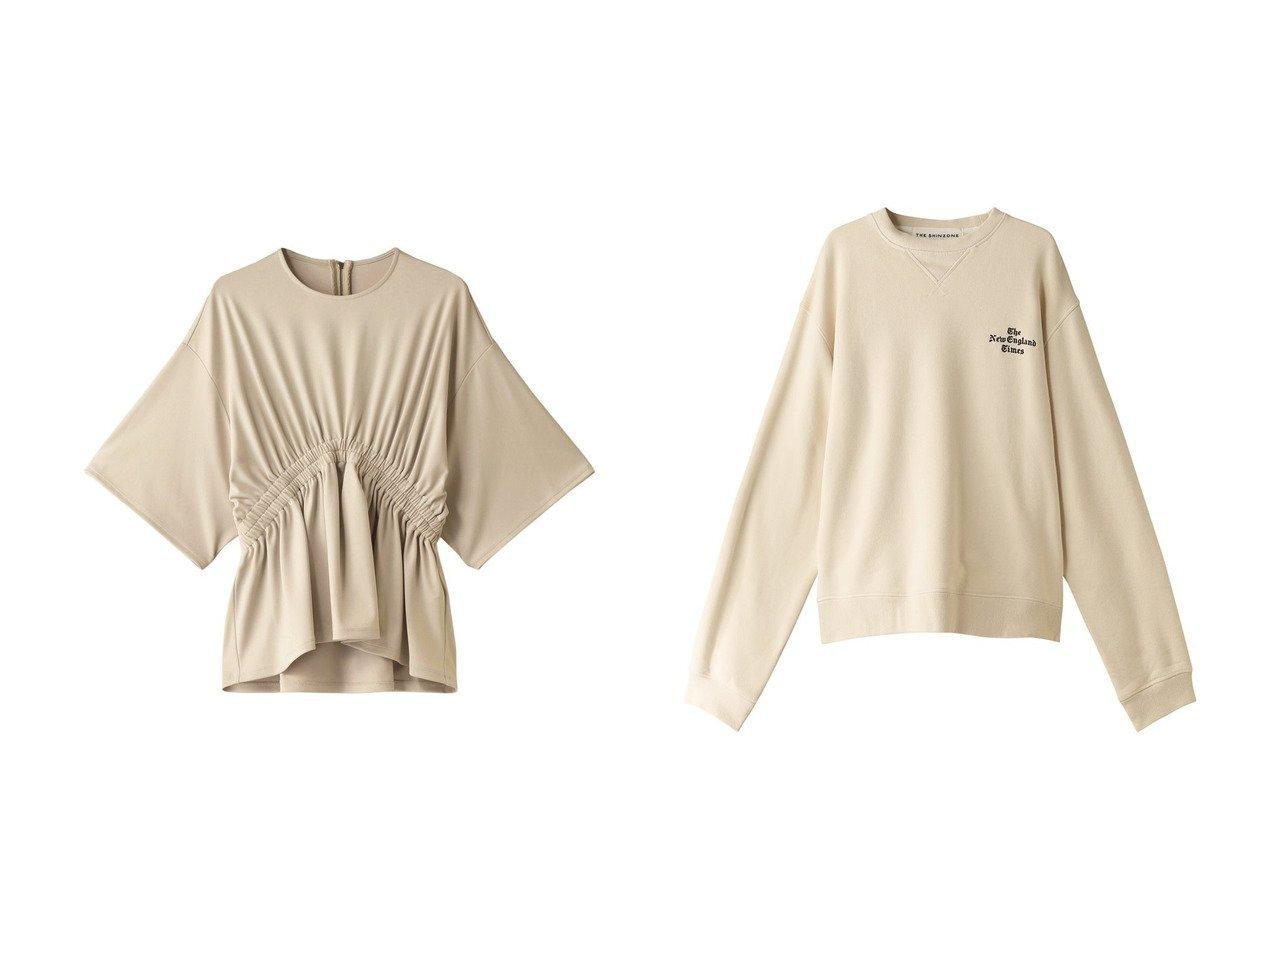 【Shinzone/シンゾーン】のTHE NEW ENGLANDプルオーバー&【RITO/リト】のダブルストレッチジャージーシャーリングブラウス トップス・カットソーのおすすめ!人気、レディースファッションの通販 おすすめで人気のファッション通販商品 インテリア・家具・キッズファッション・メンズファッション・レディースファッション・服の通販 founy(ファニー) https://founy.com/ ファッション Fashion レディース WOMEN トップス Tops Tshirt シャツ/ブラウス Shirts Blouses プルオーバー Pullover カットソー Cut and Sewn ギャザー ショート ジャージ スリーブ セットアップ ベーシック ロング |ID:crp329100000000791